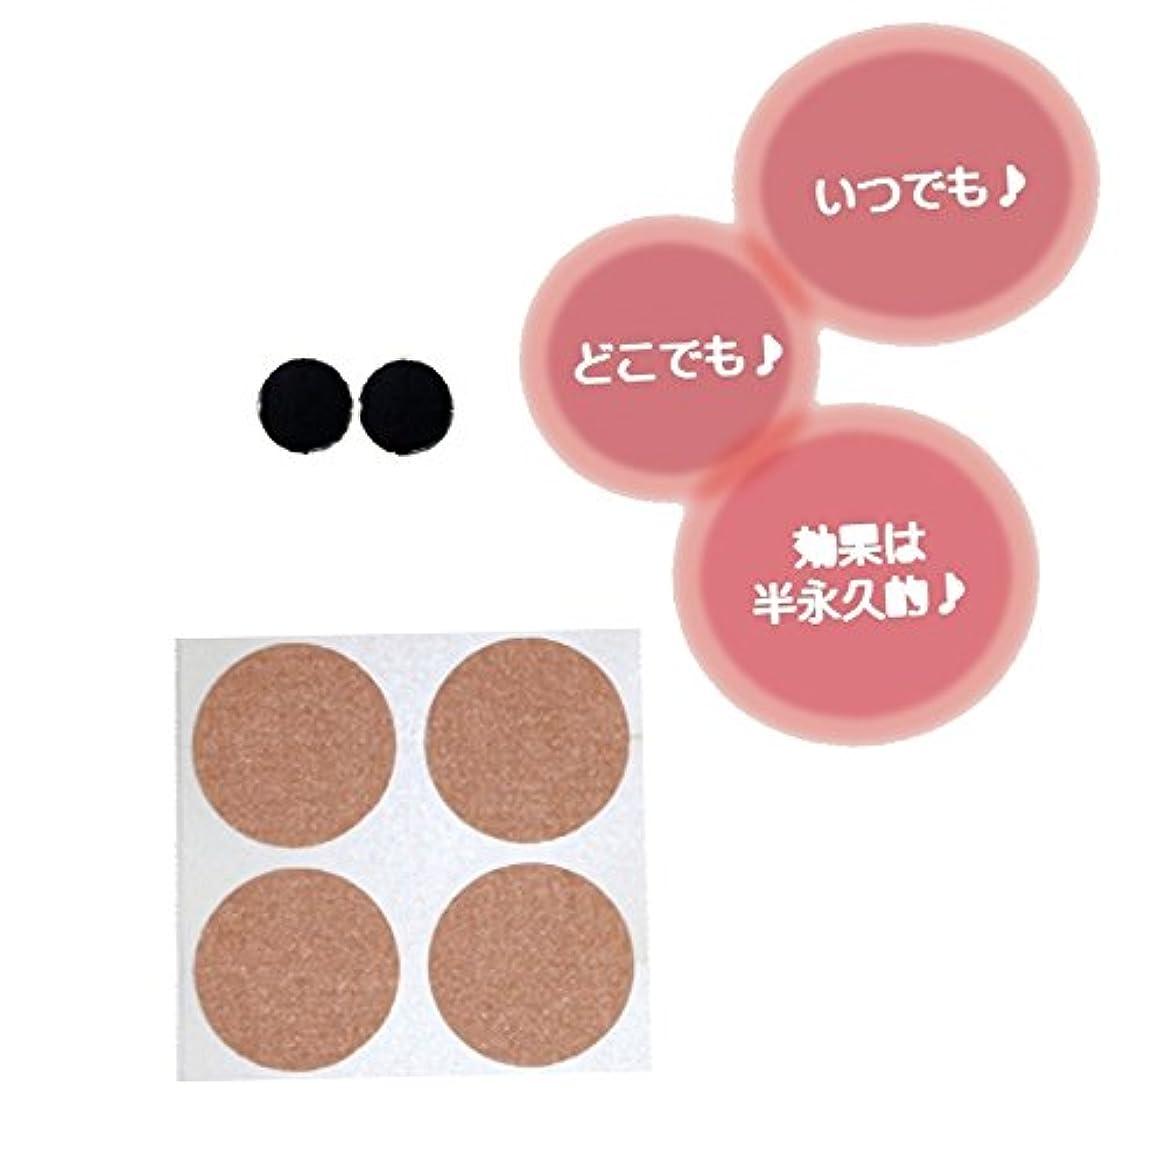 東ティモール不合格作物TQチップ2枚 効果は半永久的!貼っただけで心身のバランスがとれるTQチップ好きな所にお貼りください